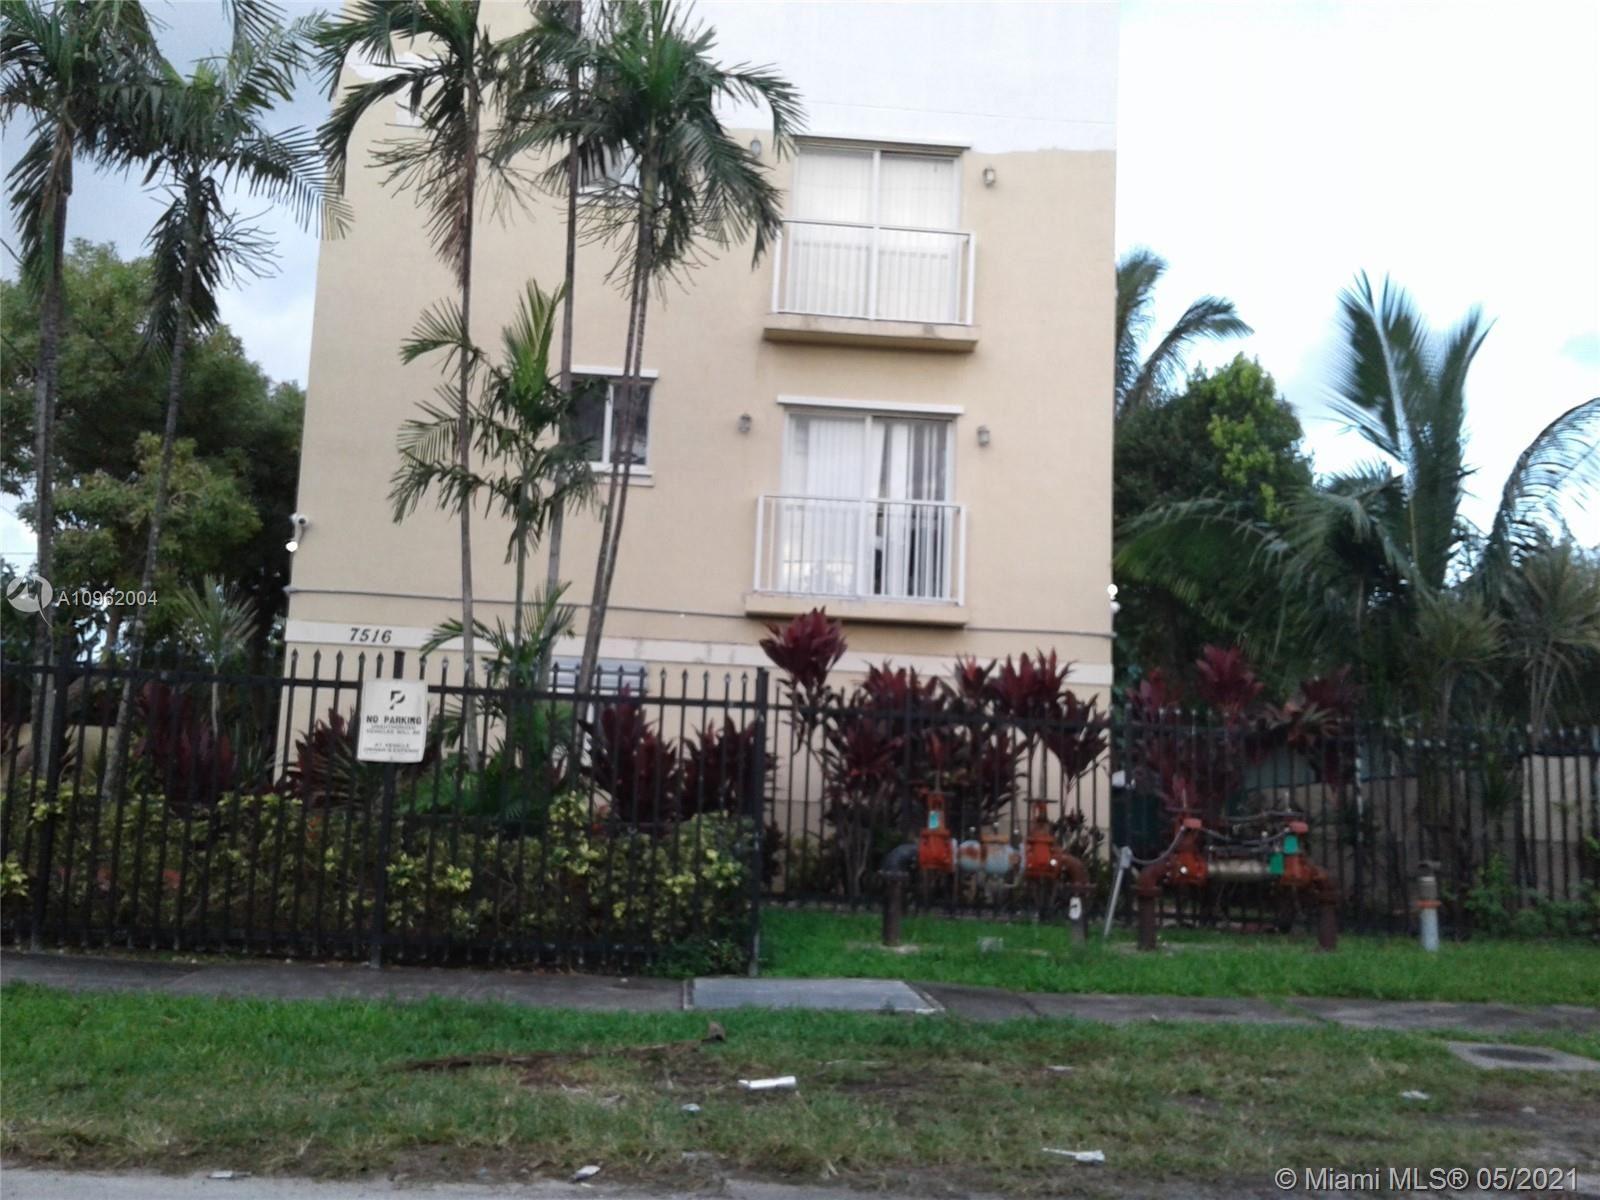 7516 NE 1st Ave #201, Miami, FL 33138 - #: A10962004